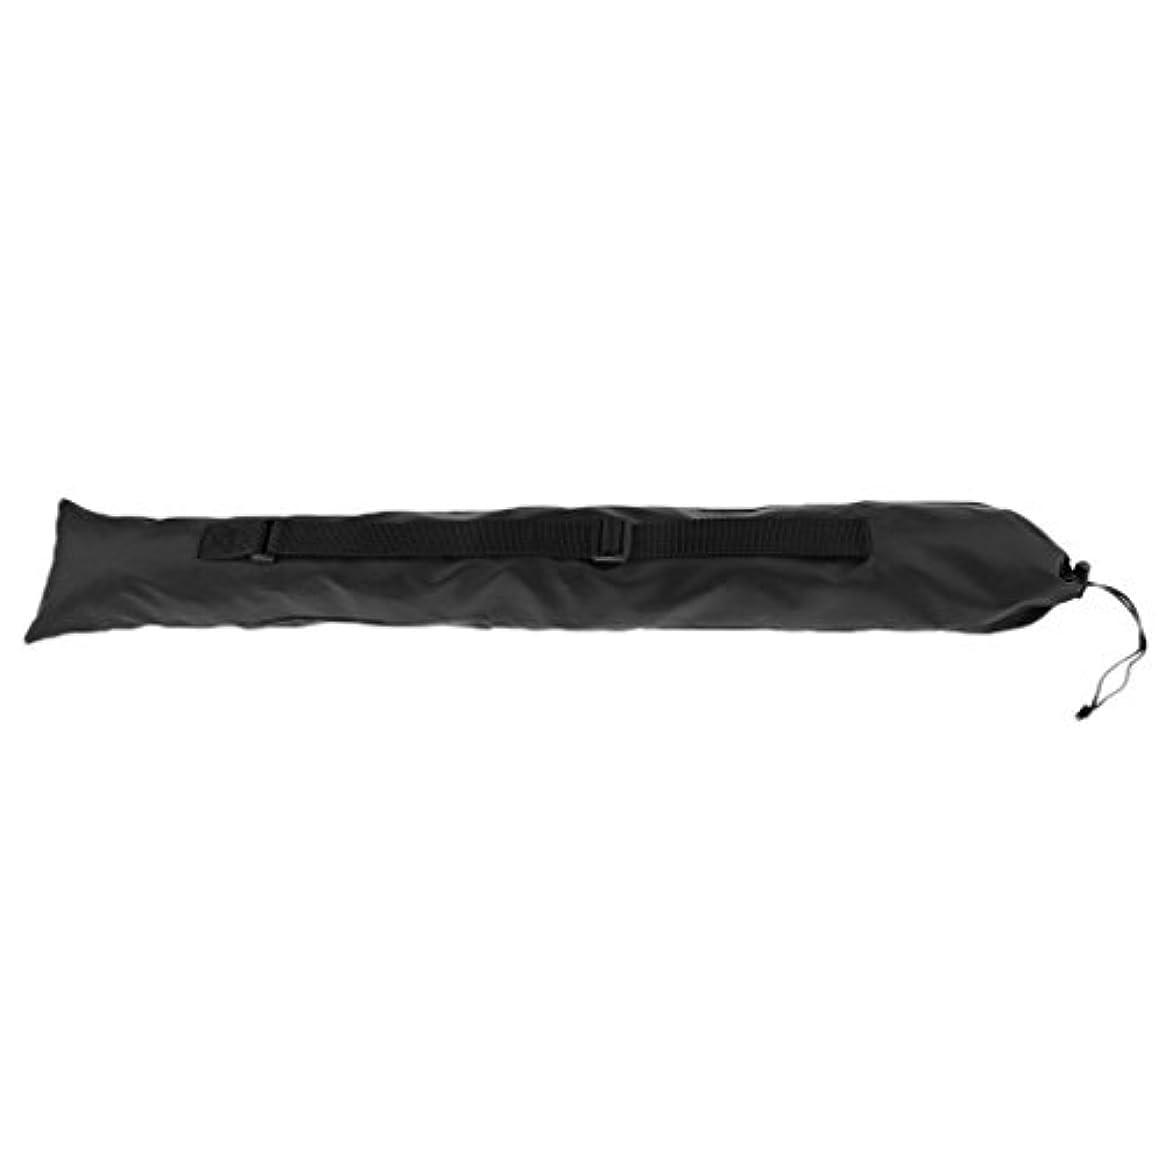 意味する名声マーケティングSunniMix 折りたたみ式 アルペンストック ハイキング ウォーキングスティック キャリーバッグ ショルダーストラップ 全2サイズ